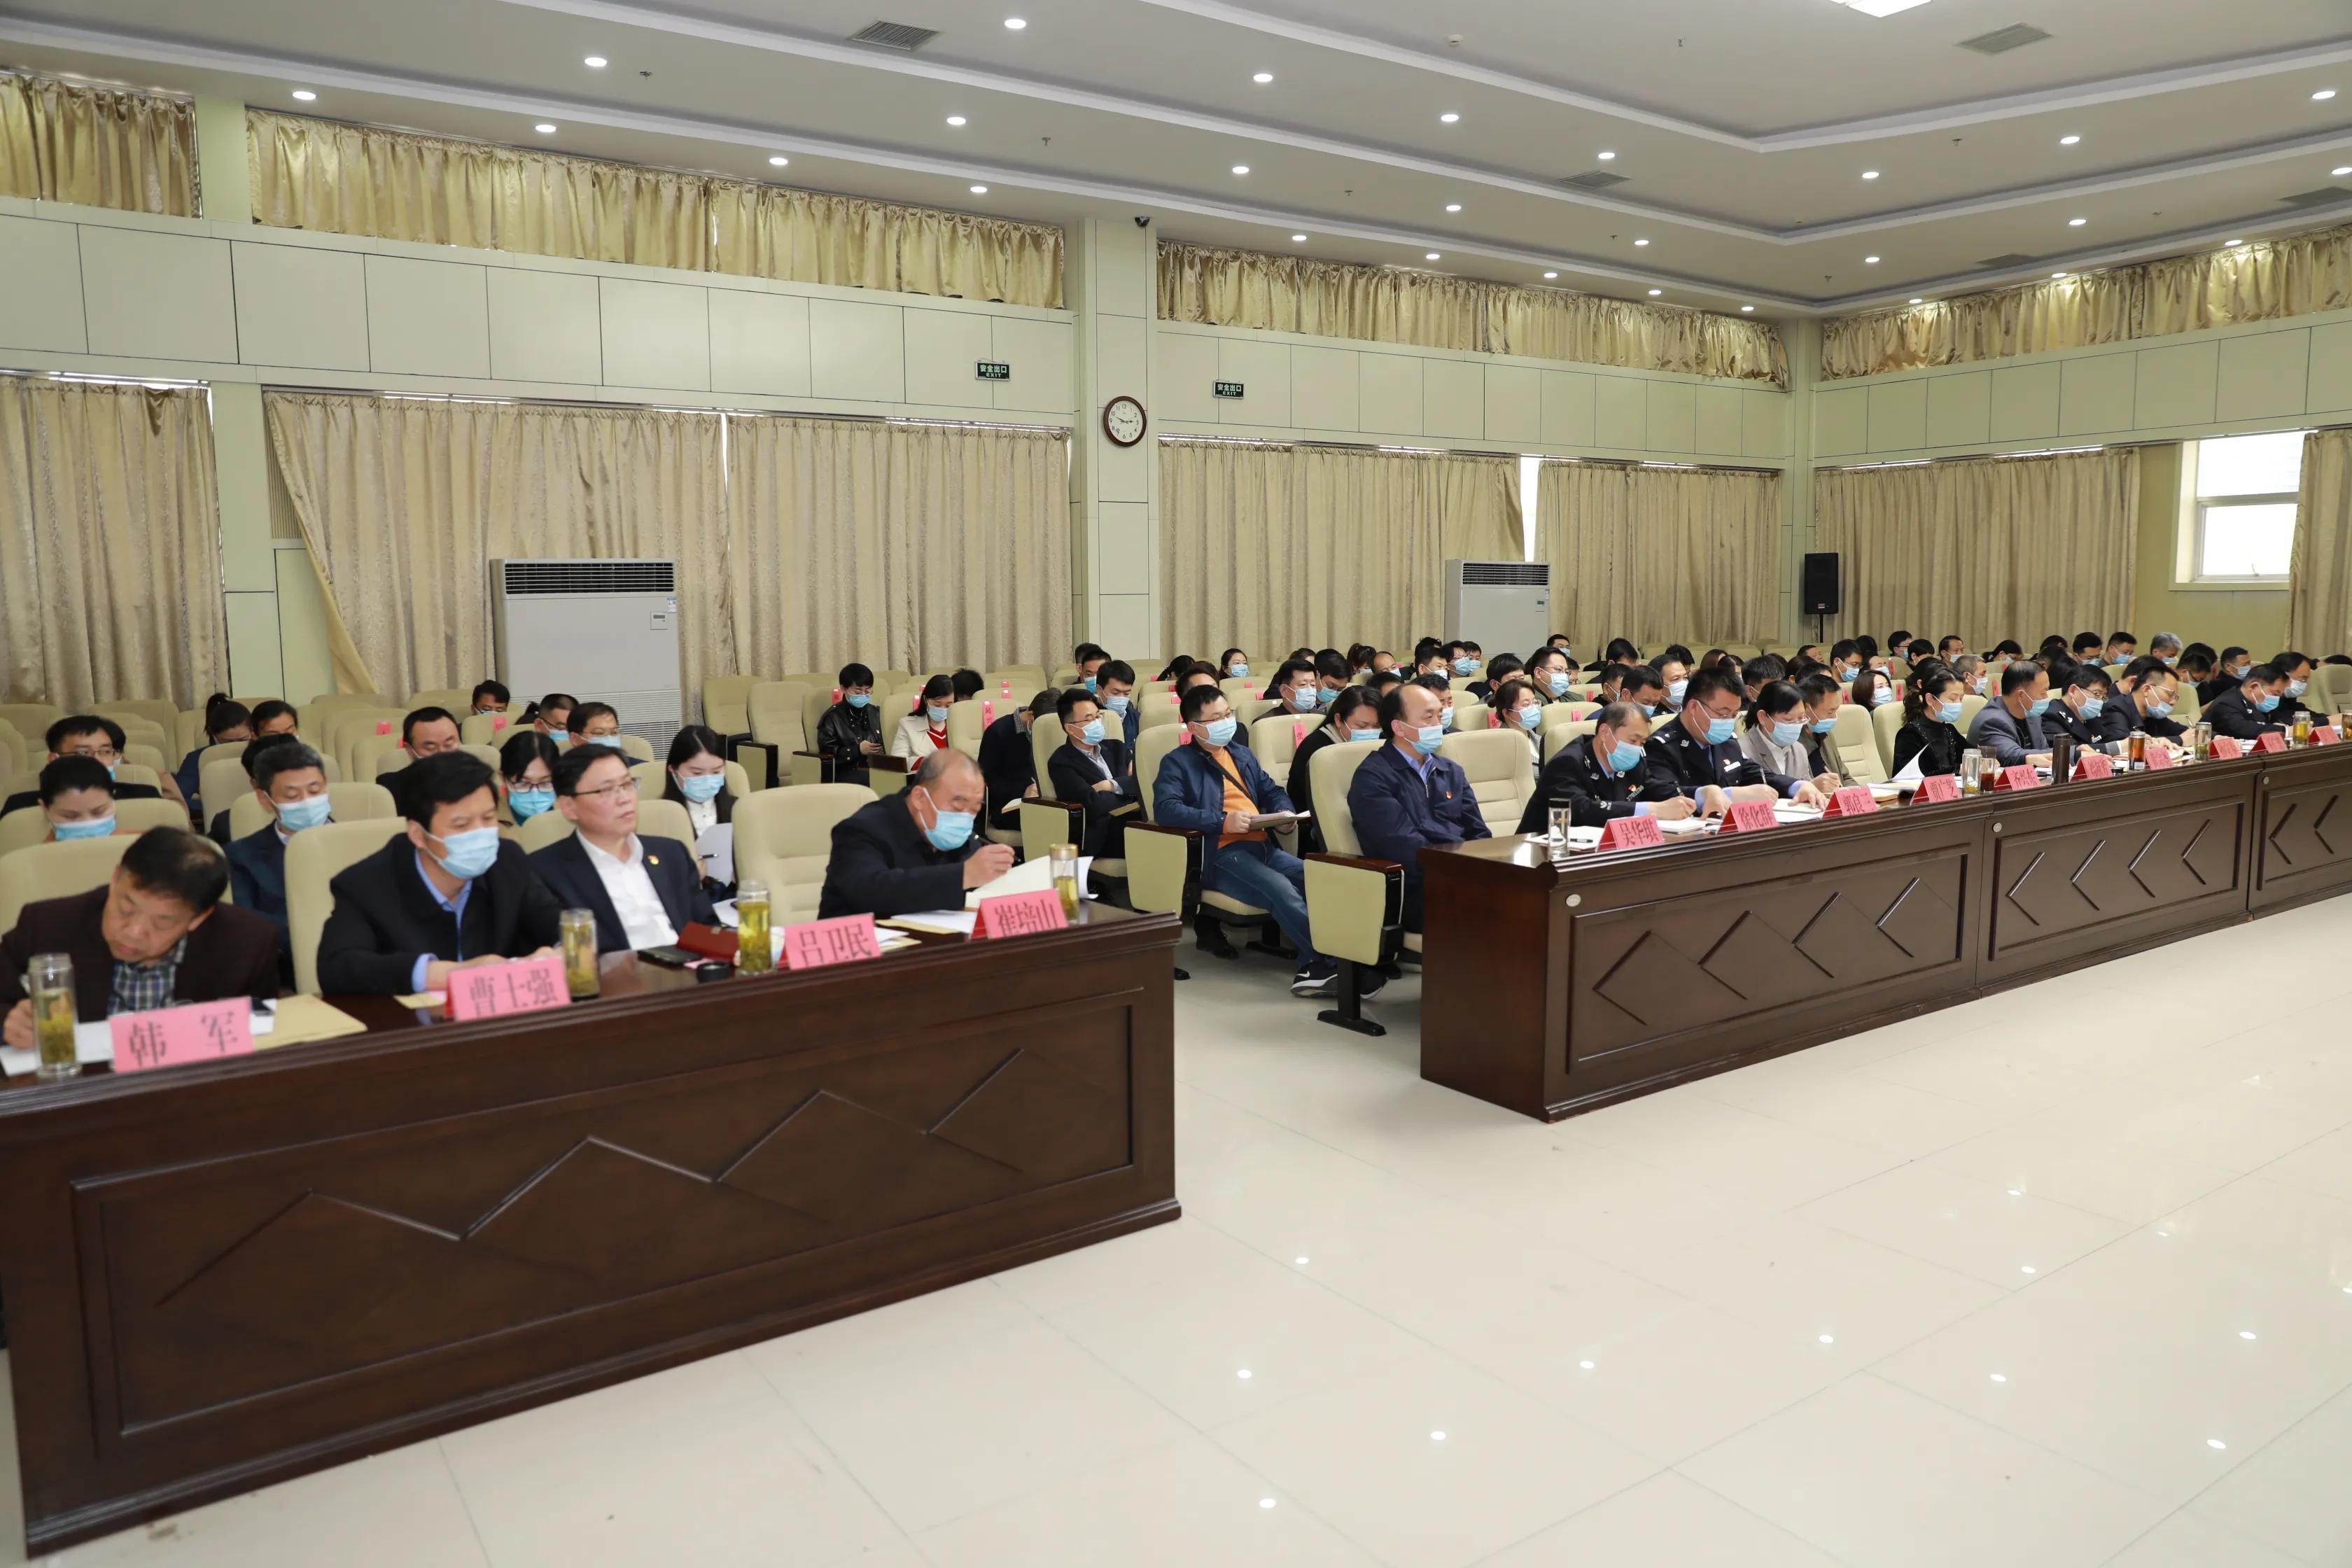 【教育整顿•进行时】枣庄司法行政系统吹响队伍教育整顿第二环节的号角